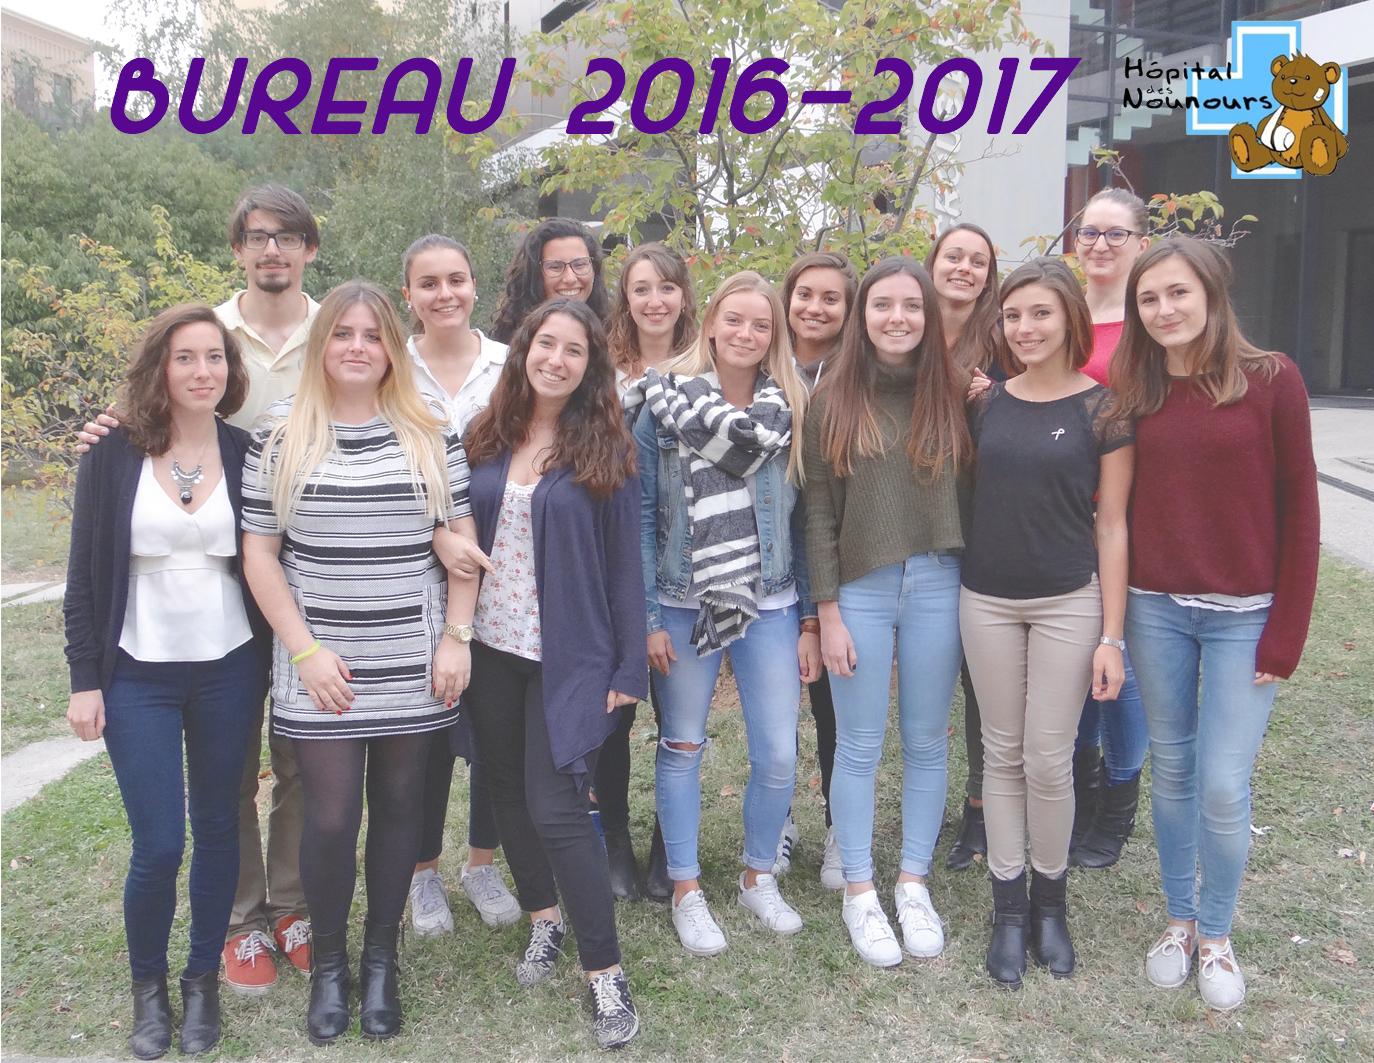 Bureau 2016-2017